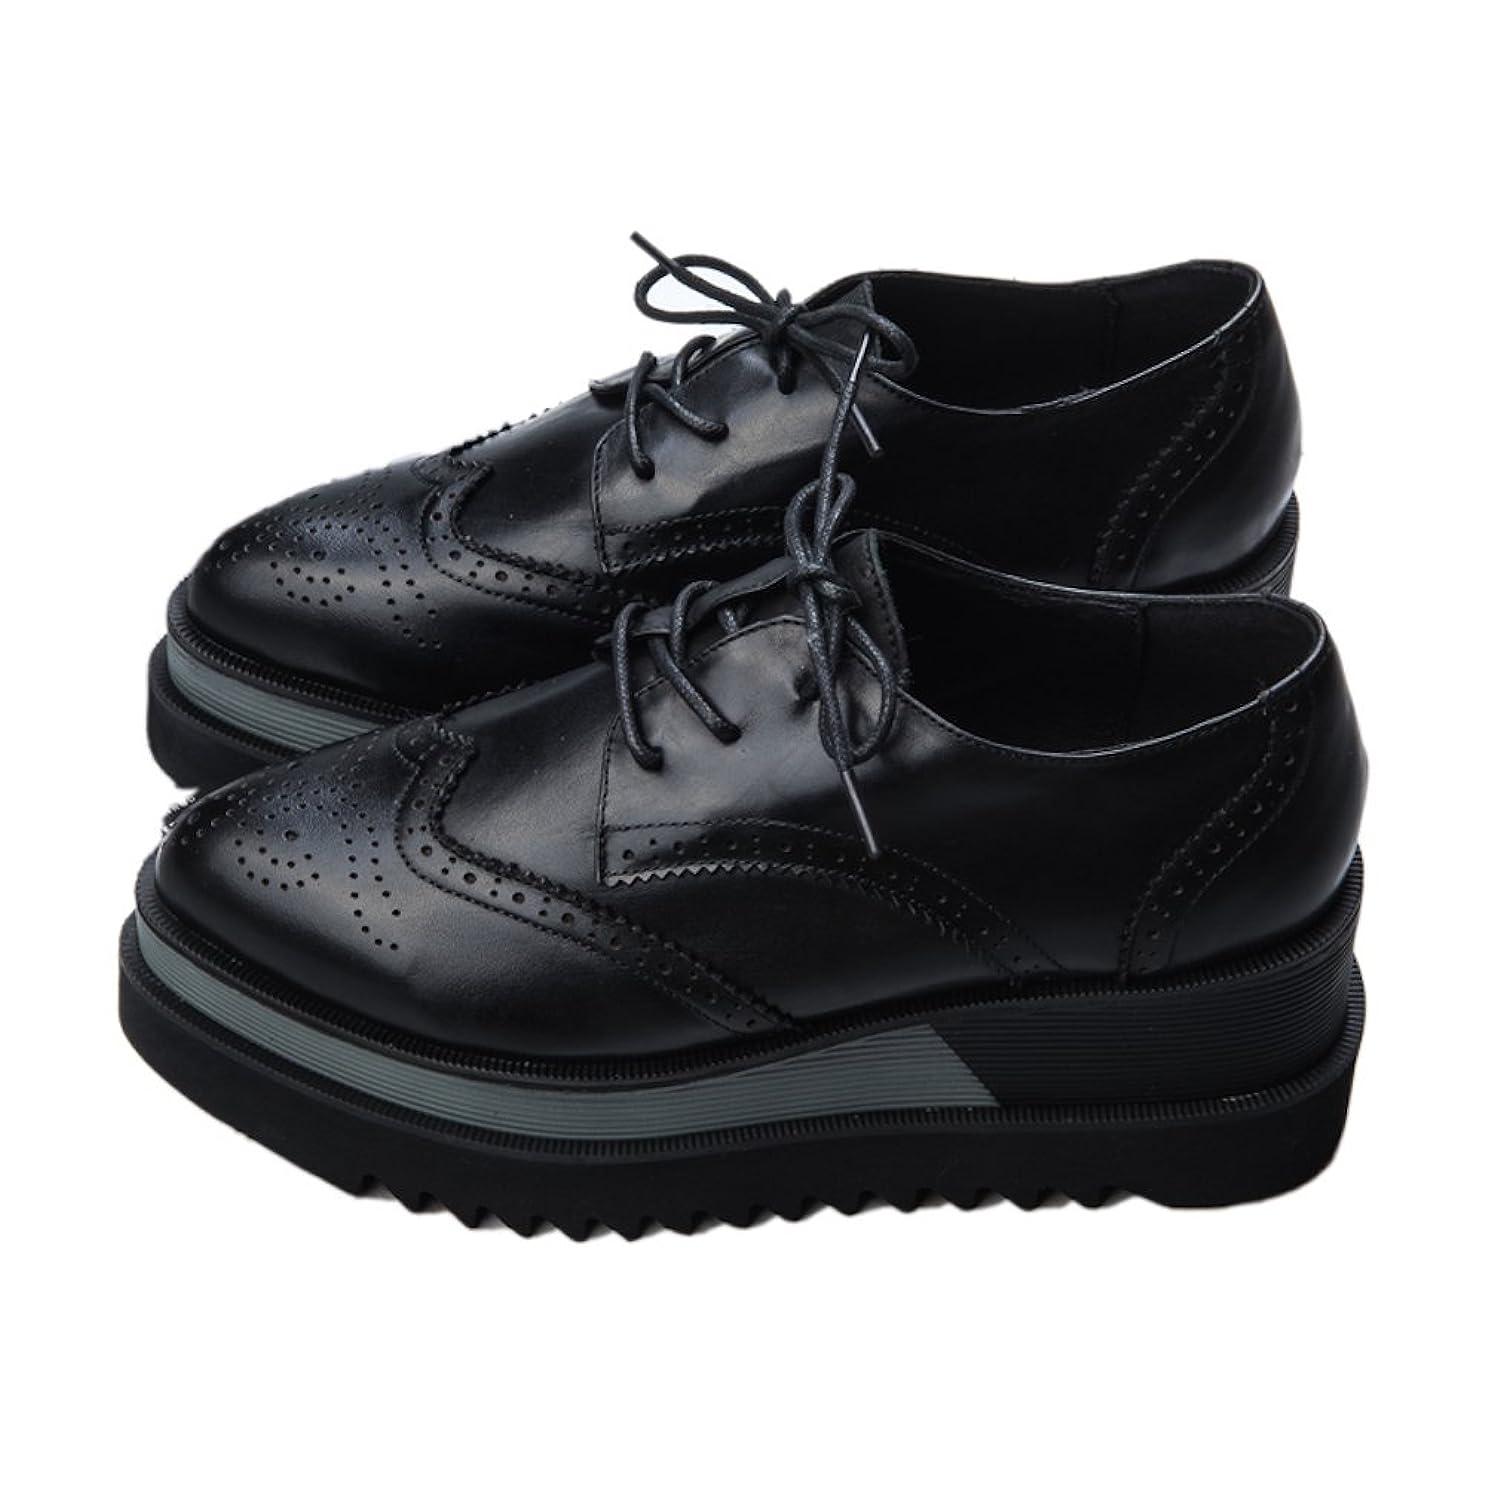 ウサギ醸造所乳製品ウォーキングシューズ ブーツ レディース 本革 レザー ビジネスシューズ 革靴 軽量 カジュアル